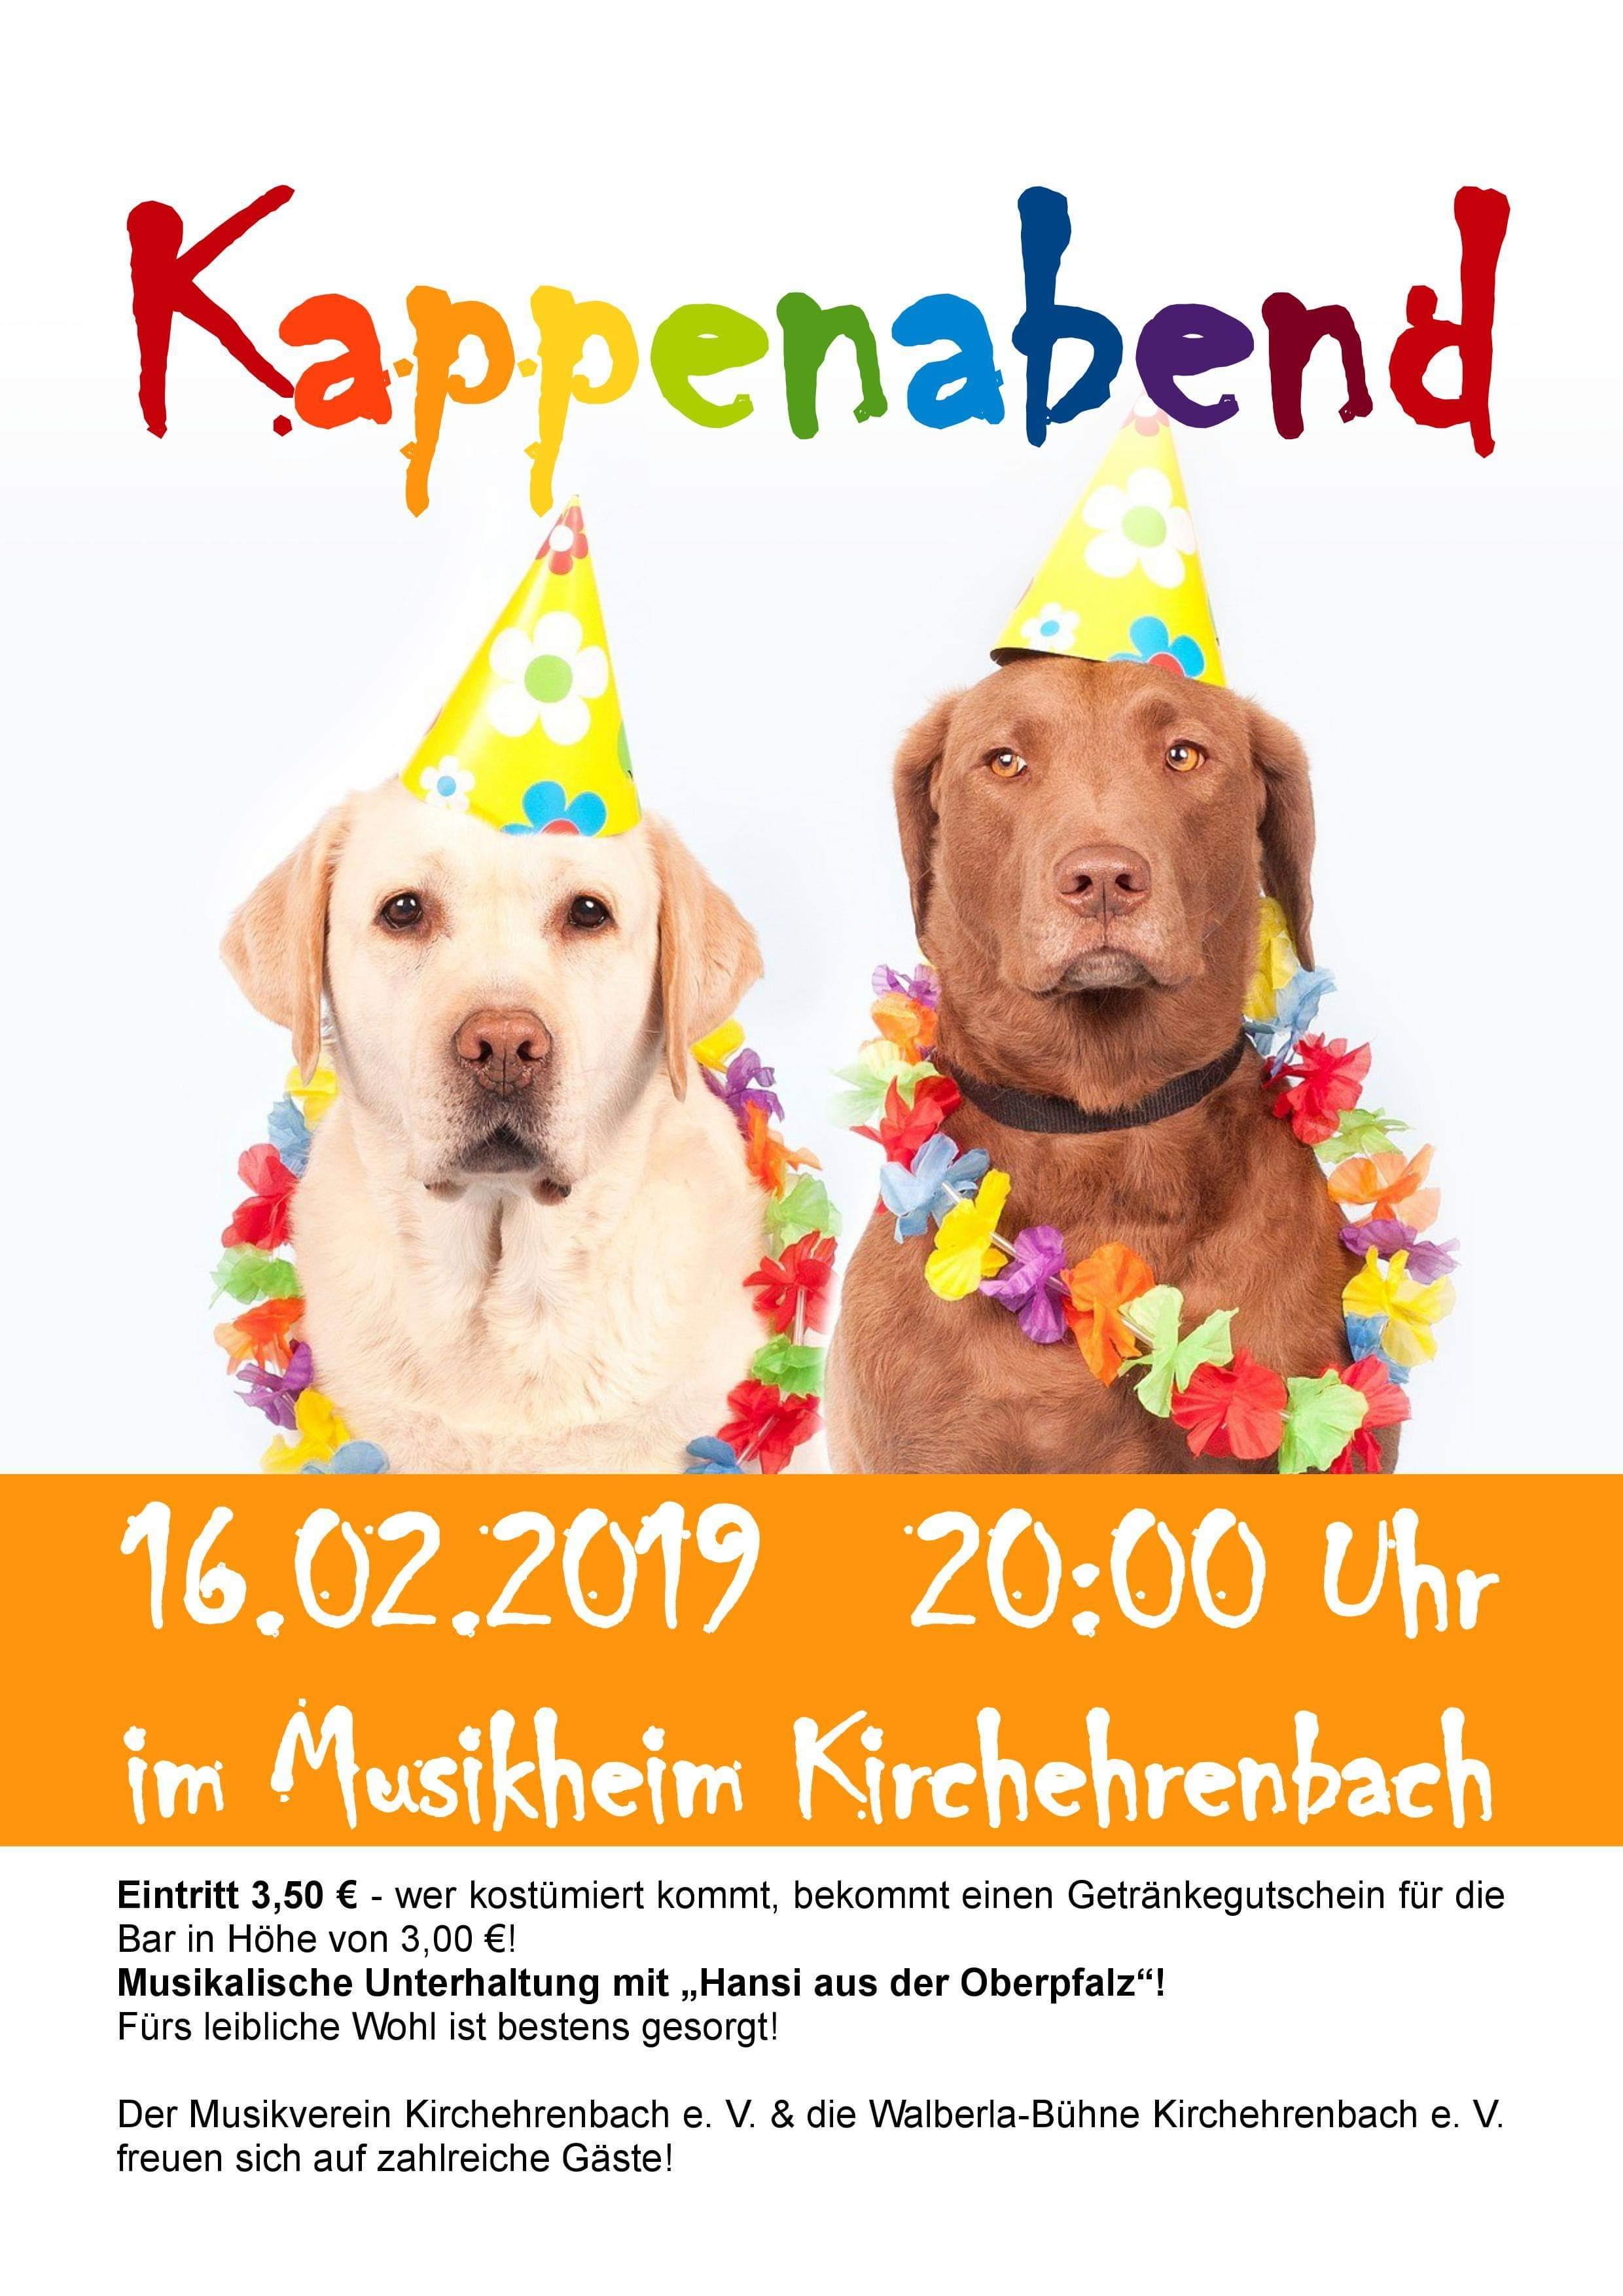 Fasching oder Kappenabend 2019 Kirchehrenbach